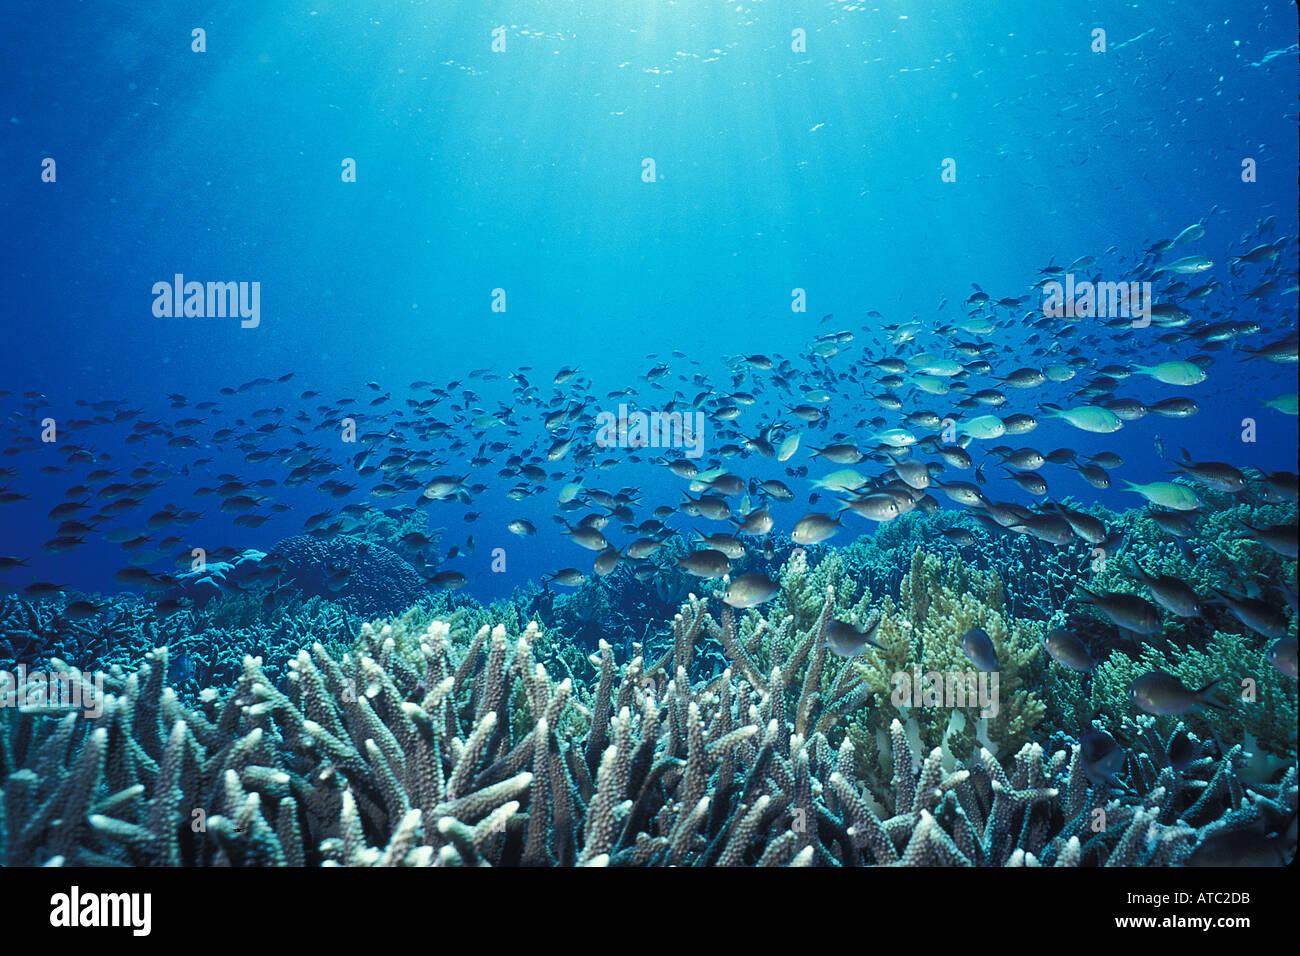 Bluegreen Chromis - Stock Image